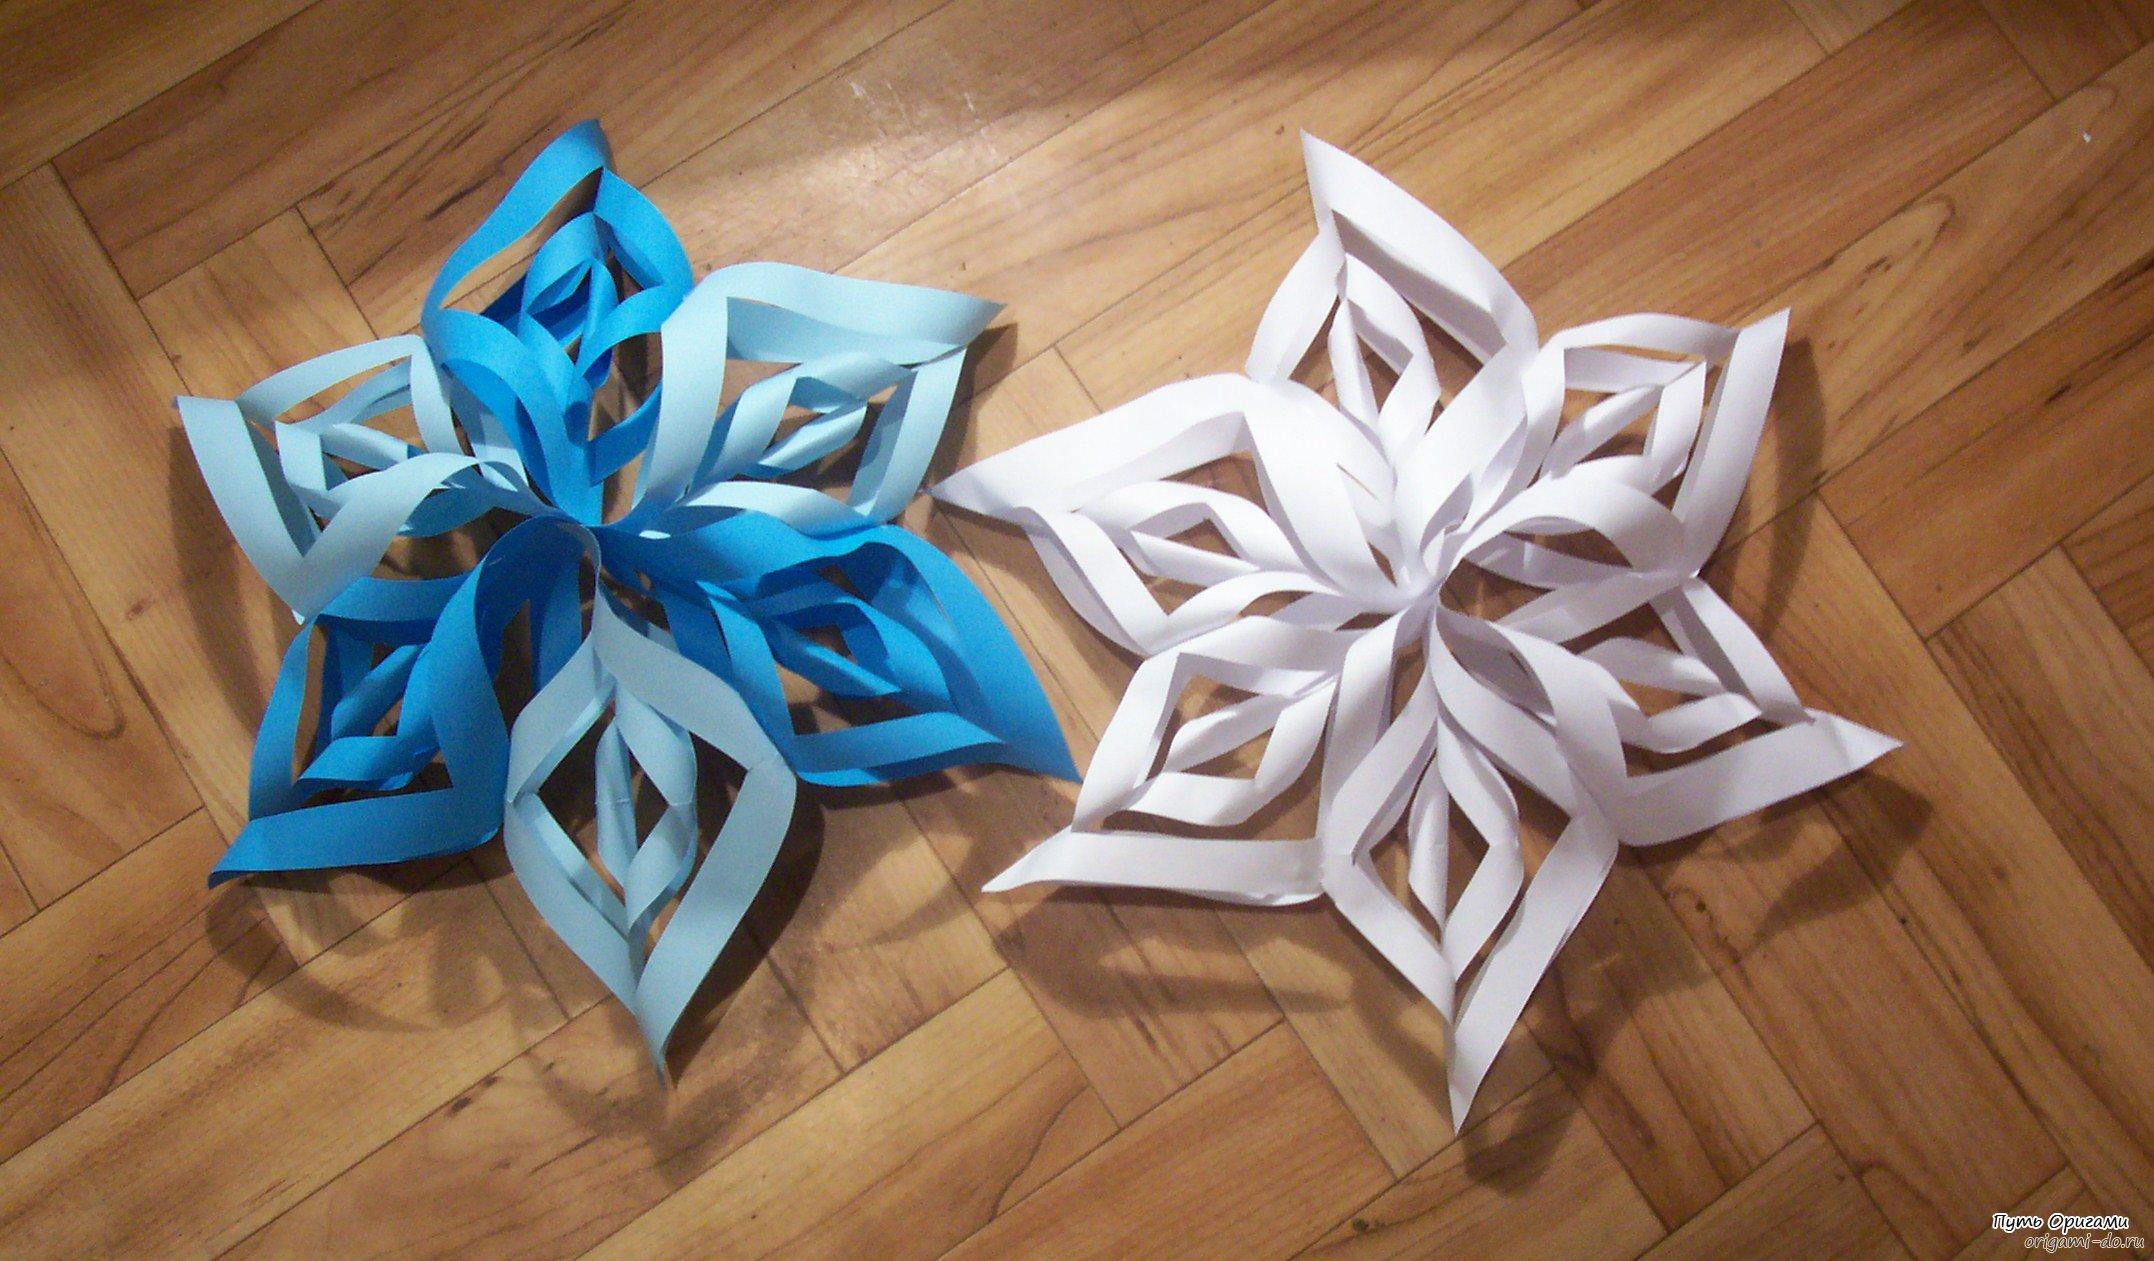 Оригами цветные на бумаге объемные - Объёмные цветы из бумаги своими руками в технике оригами